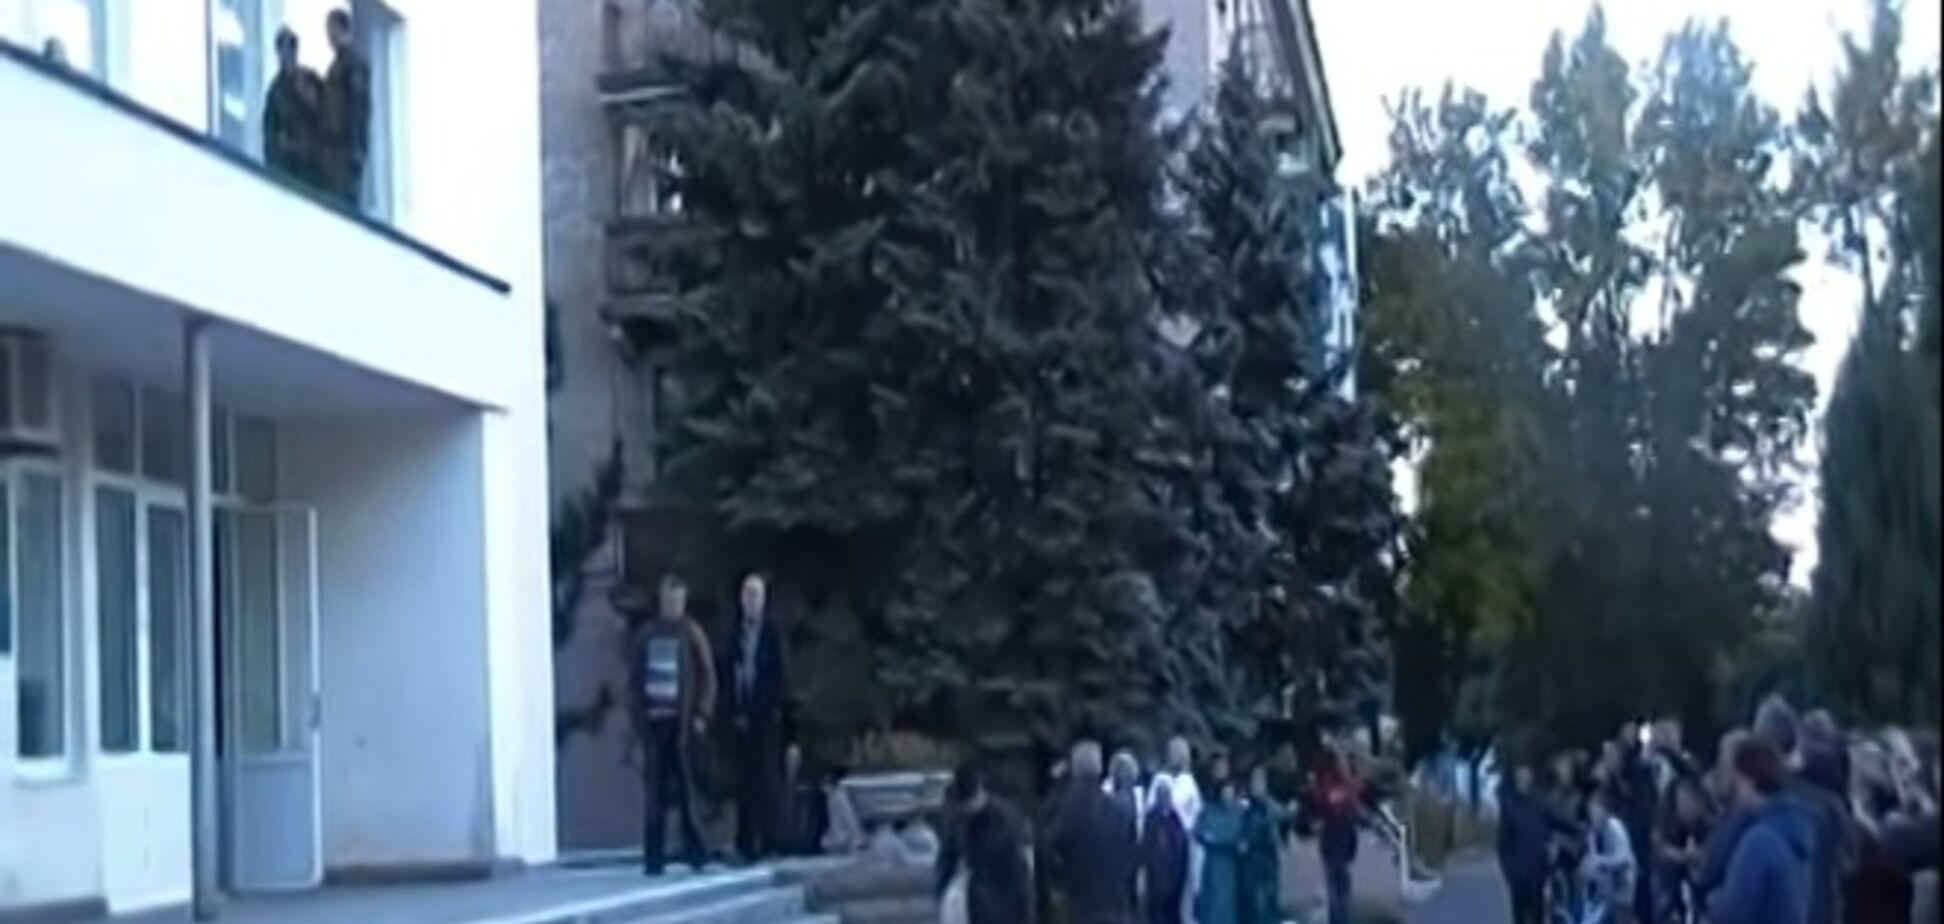 В Ждановке оккупанты вместе с местными жителями 'дружно' топтали флаг Украины